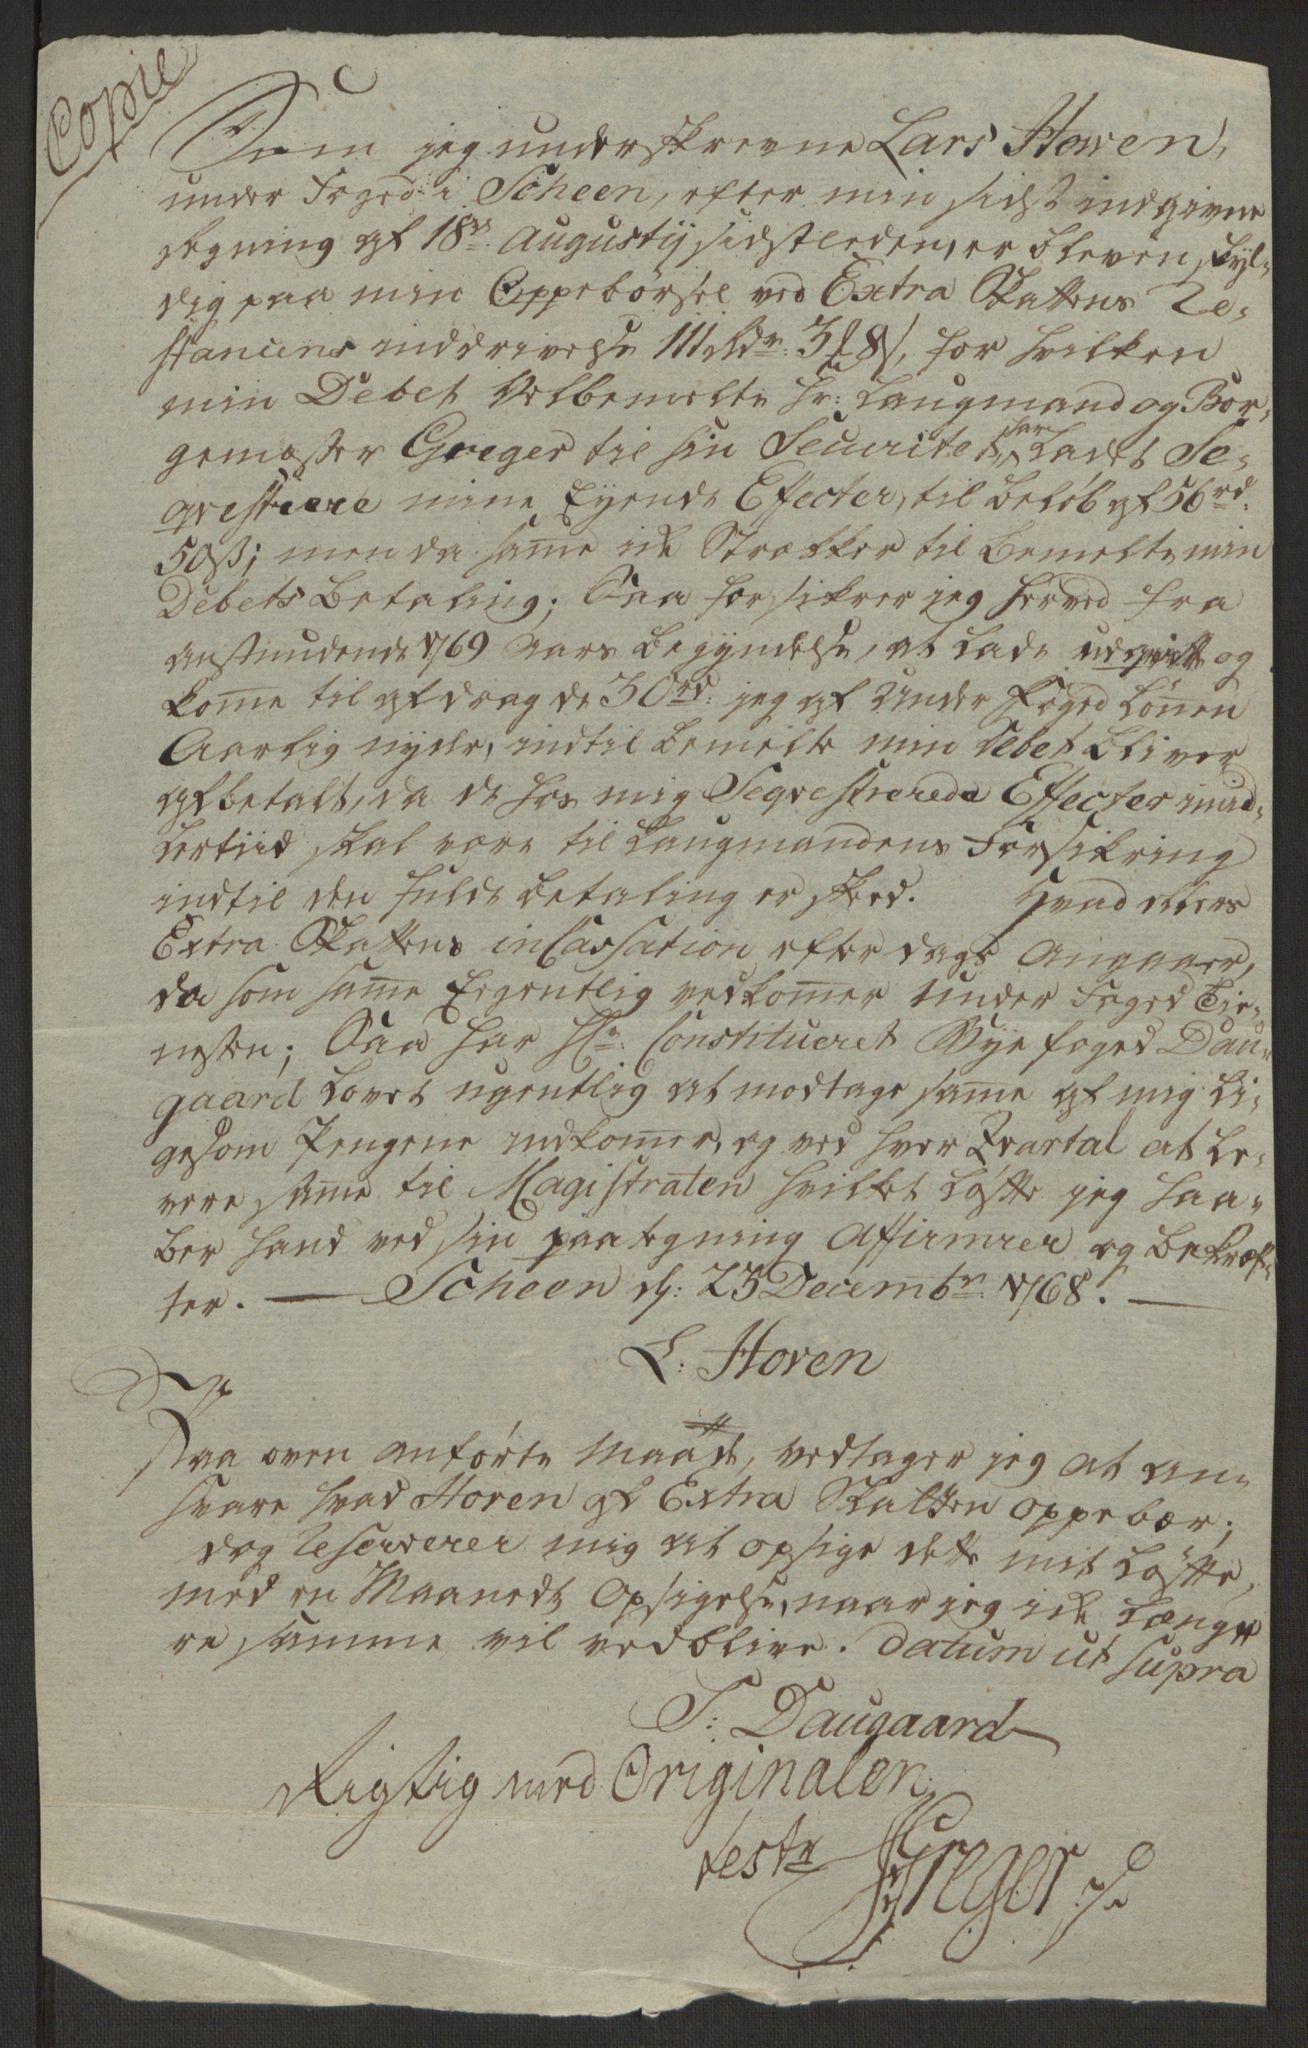 RA, Rentekammeret inntil 1814, Reviderte regnskaper, Byregnskaper, R/Rj/L0198: [J4] Kontribusjonsregnskap, 1762-1768, s. 526